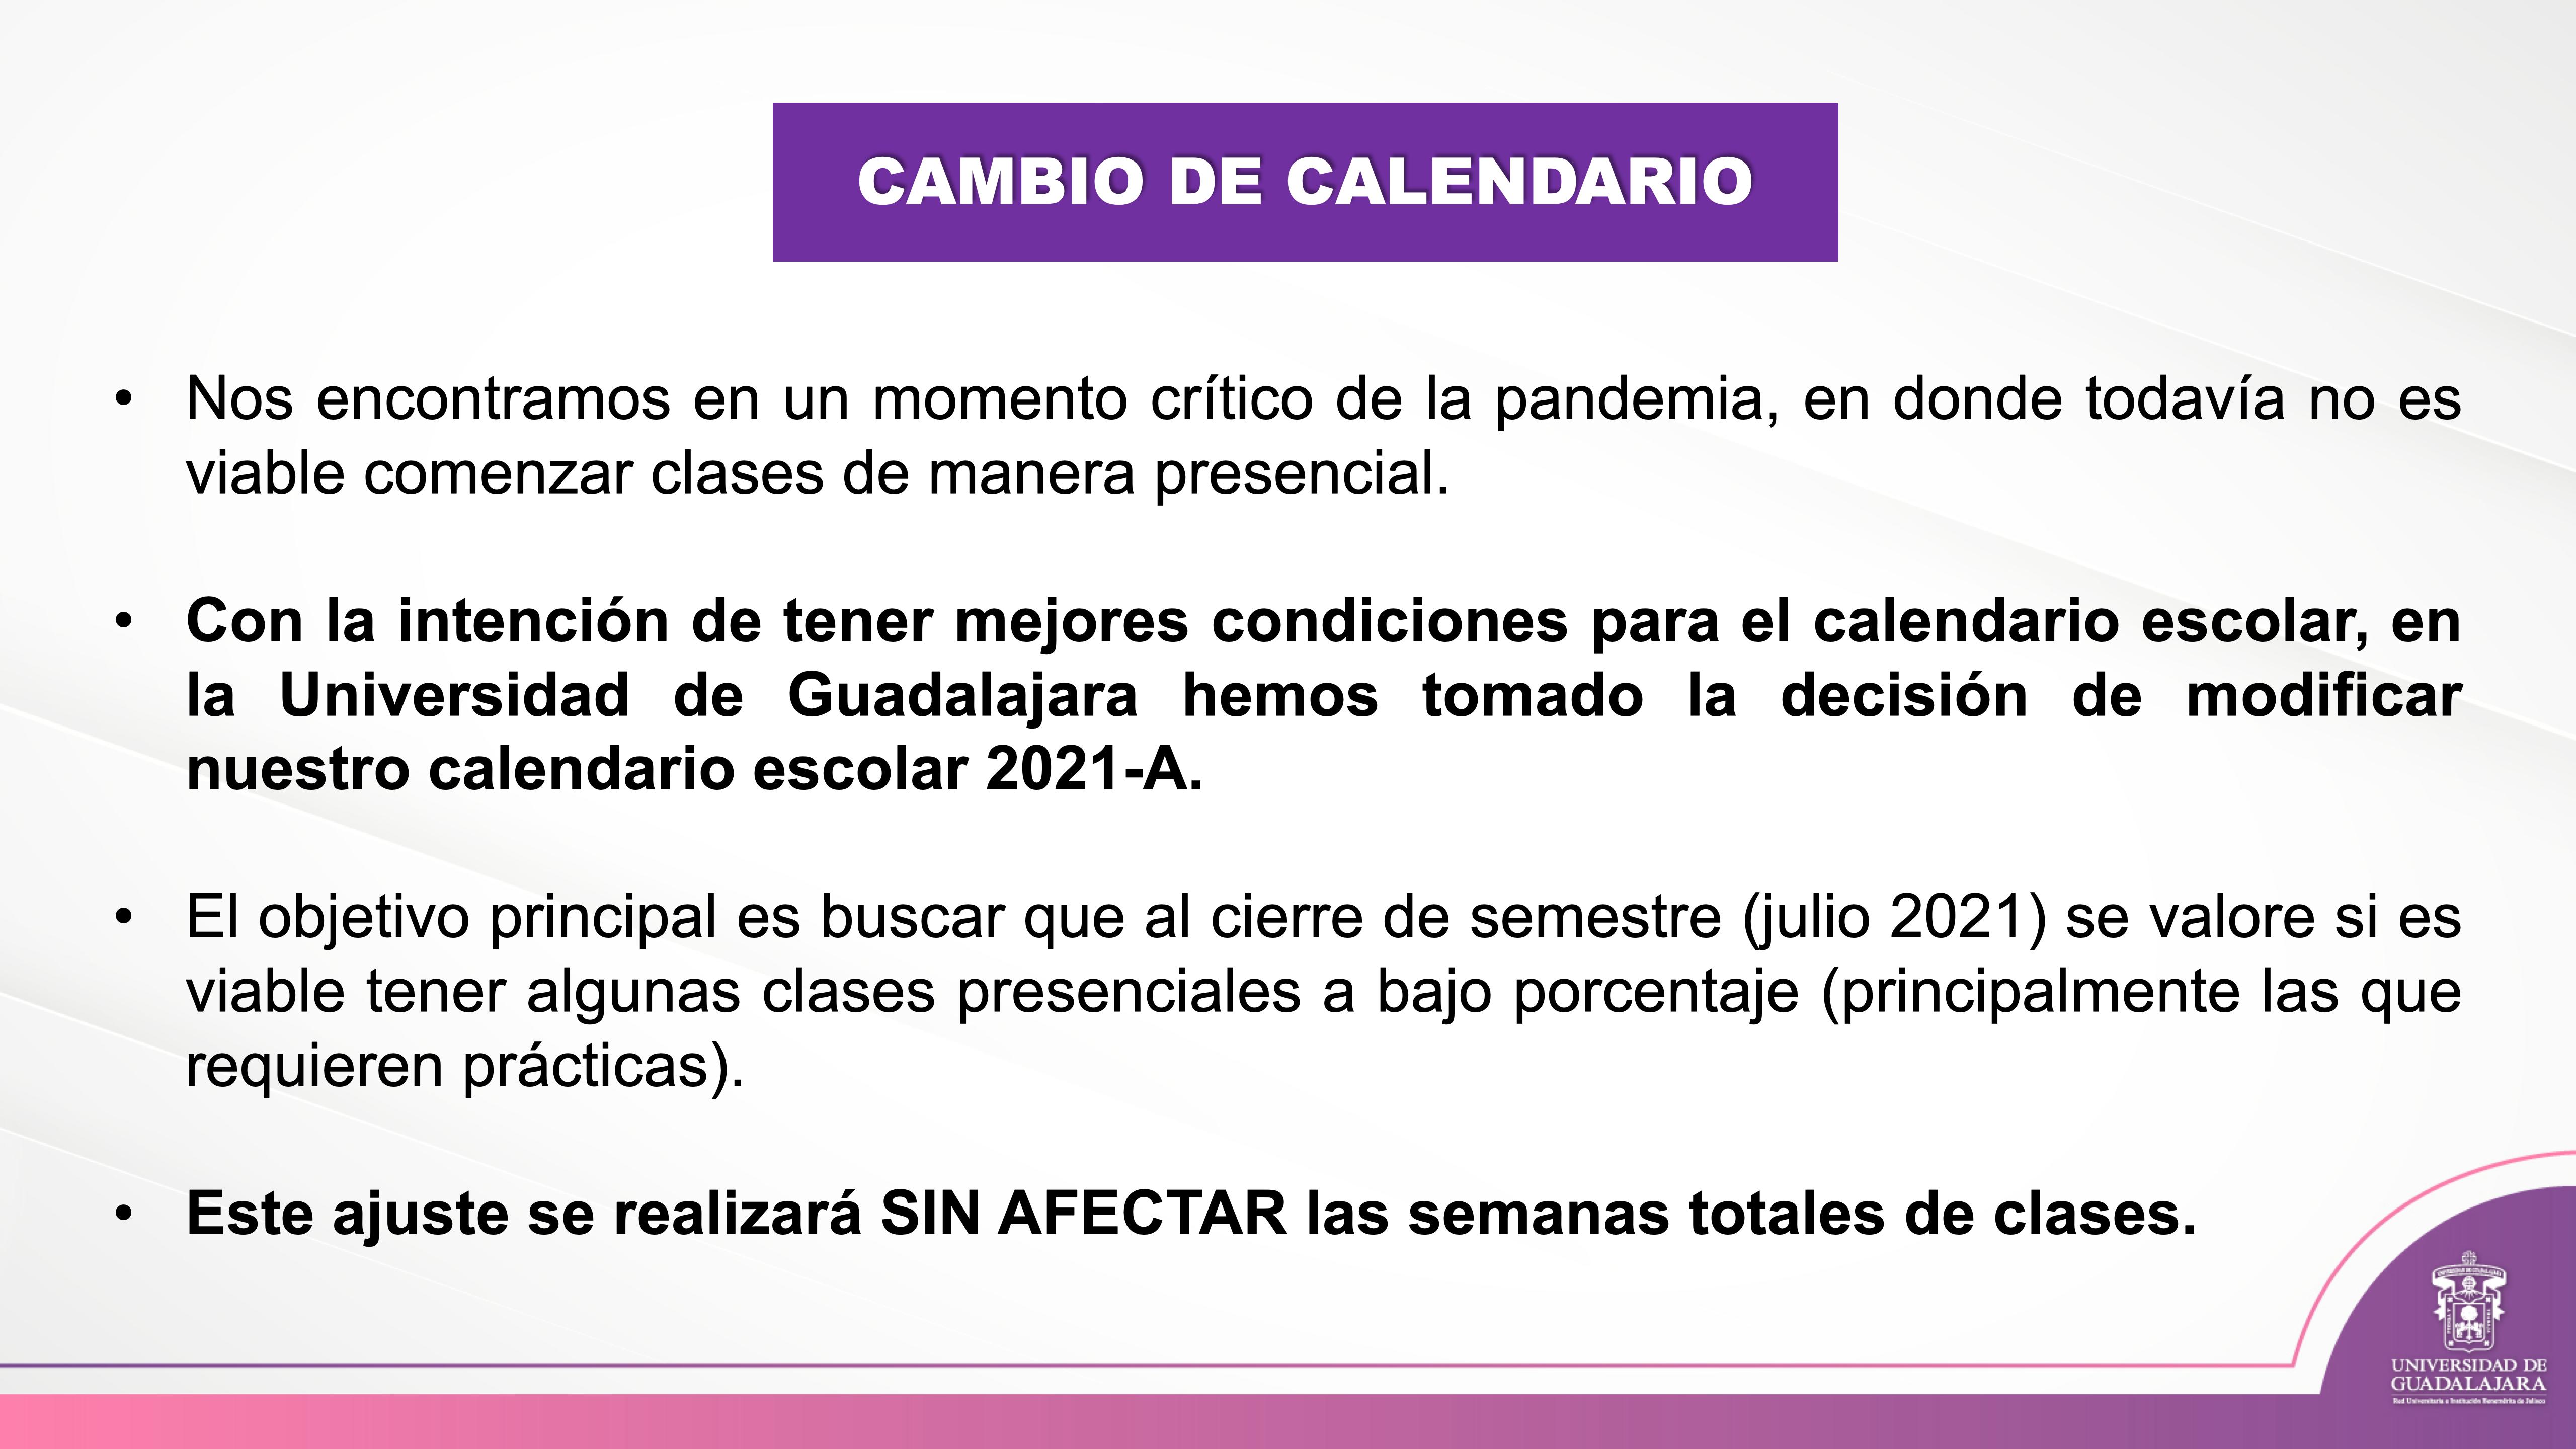 Diapositiva con justificación del apalazamiento del inicio del ciclo escolar